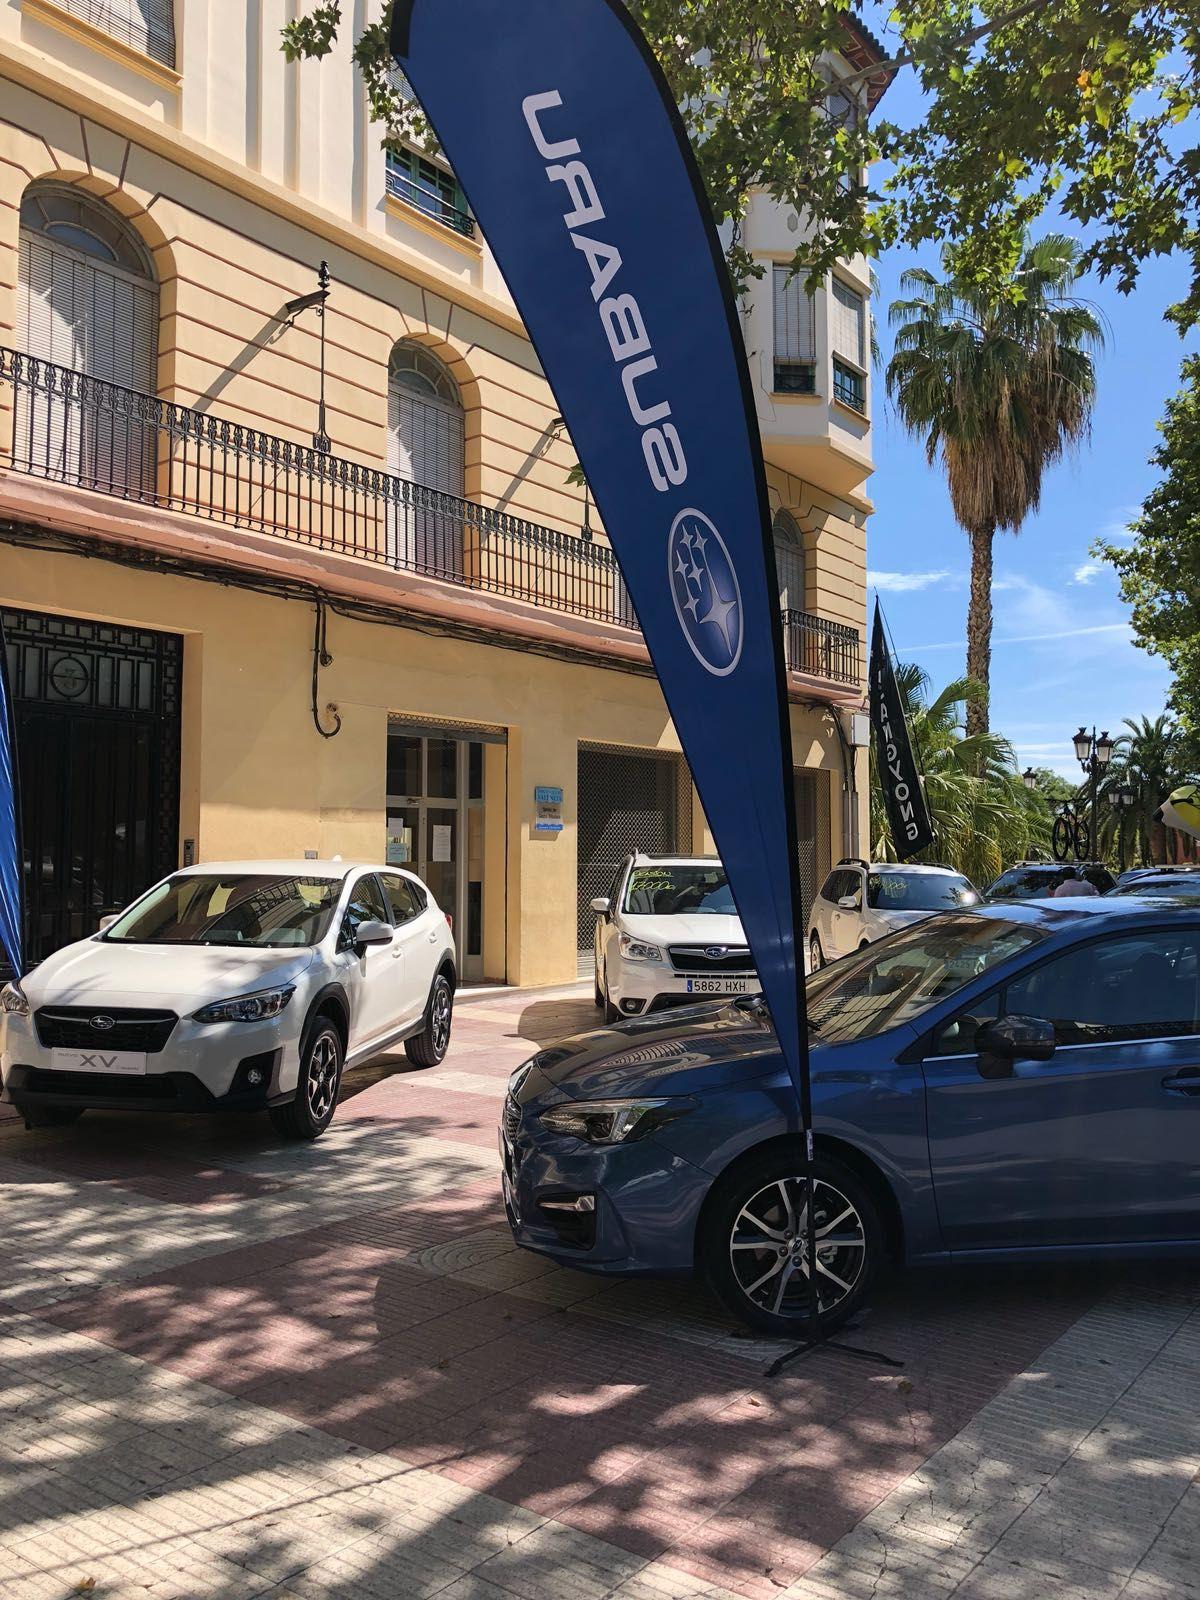 Subaru Valencia participa en la séptima Feria del Automóvil de Xátiva